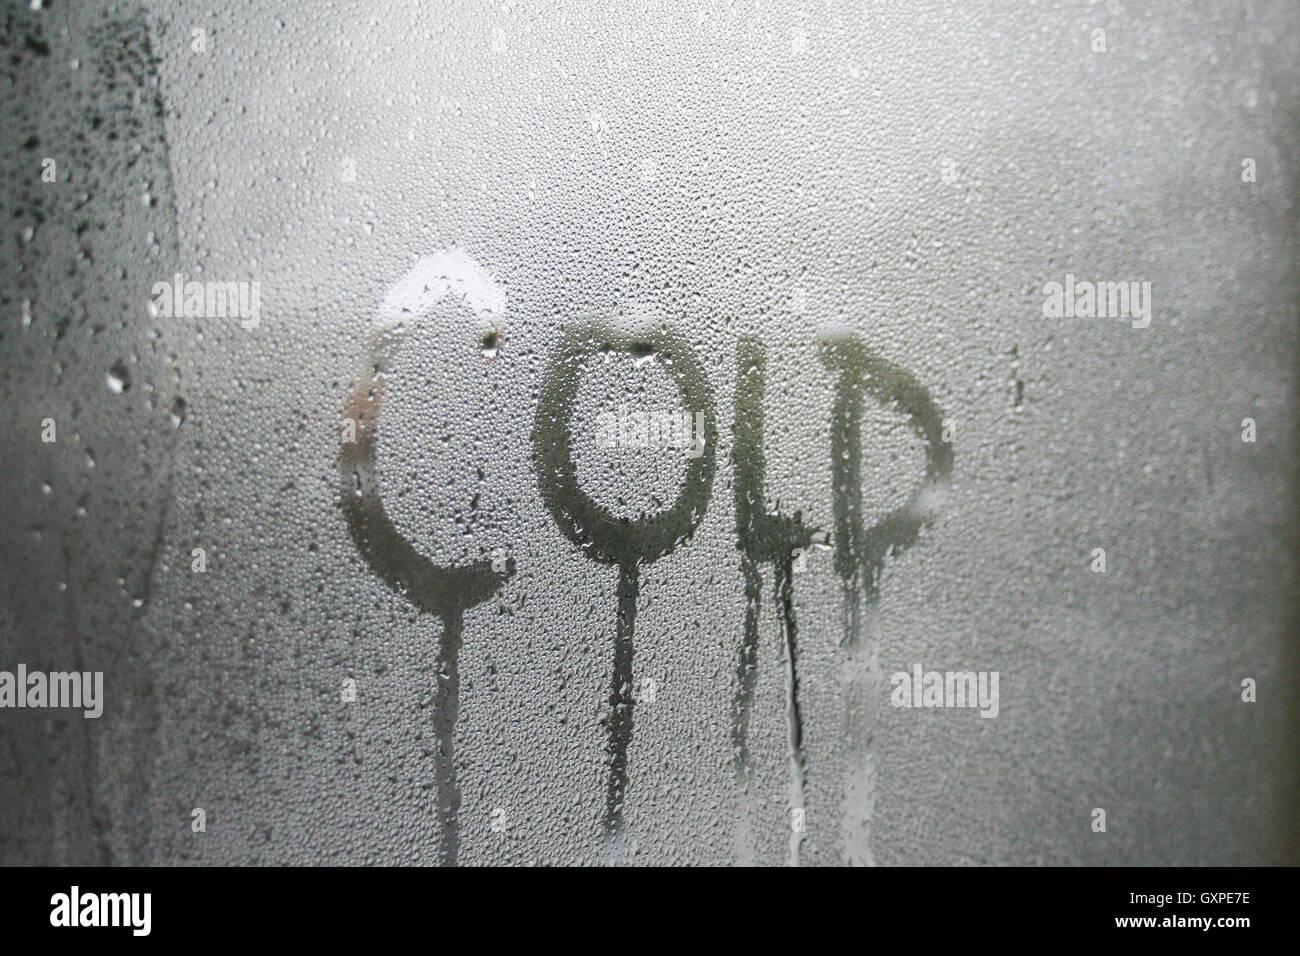 Kalten Text geschrieben in Kondenswasser am Fenster Glasscheibe. Stockbild